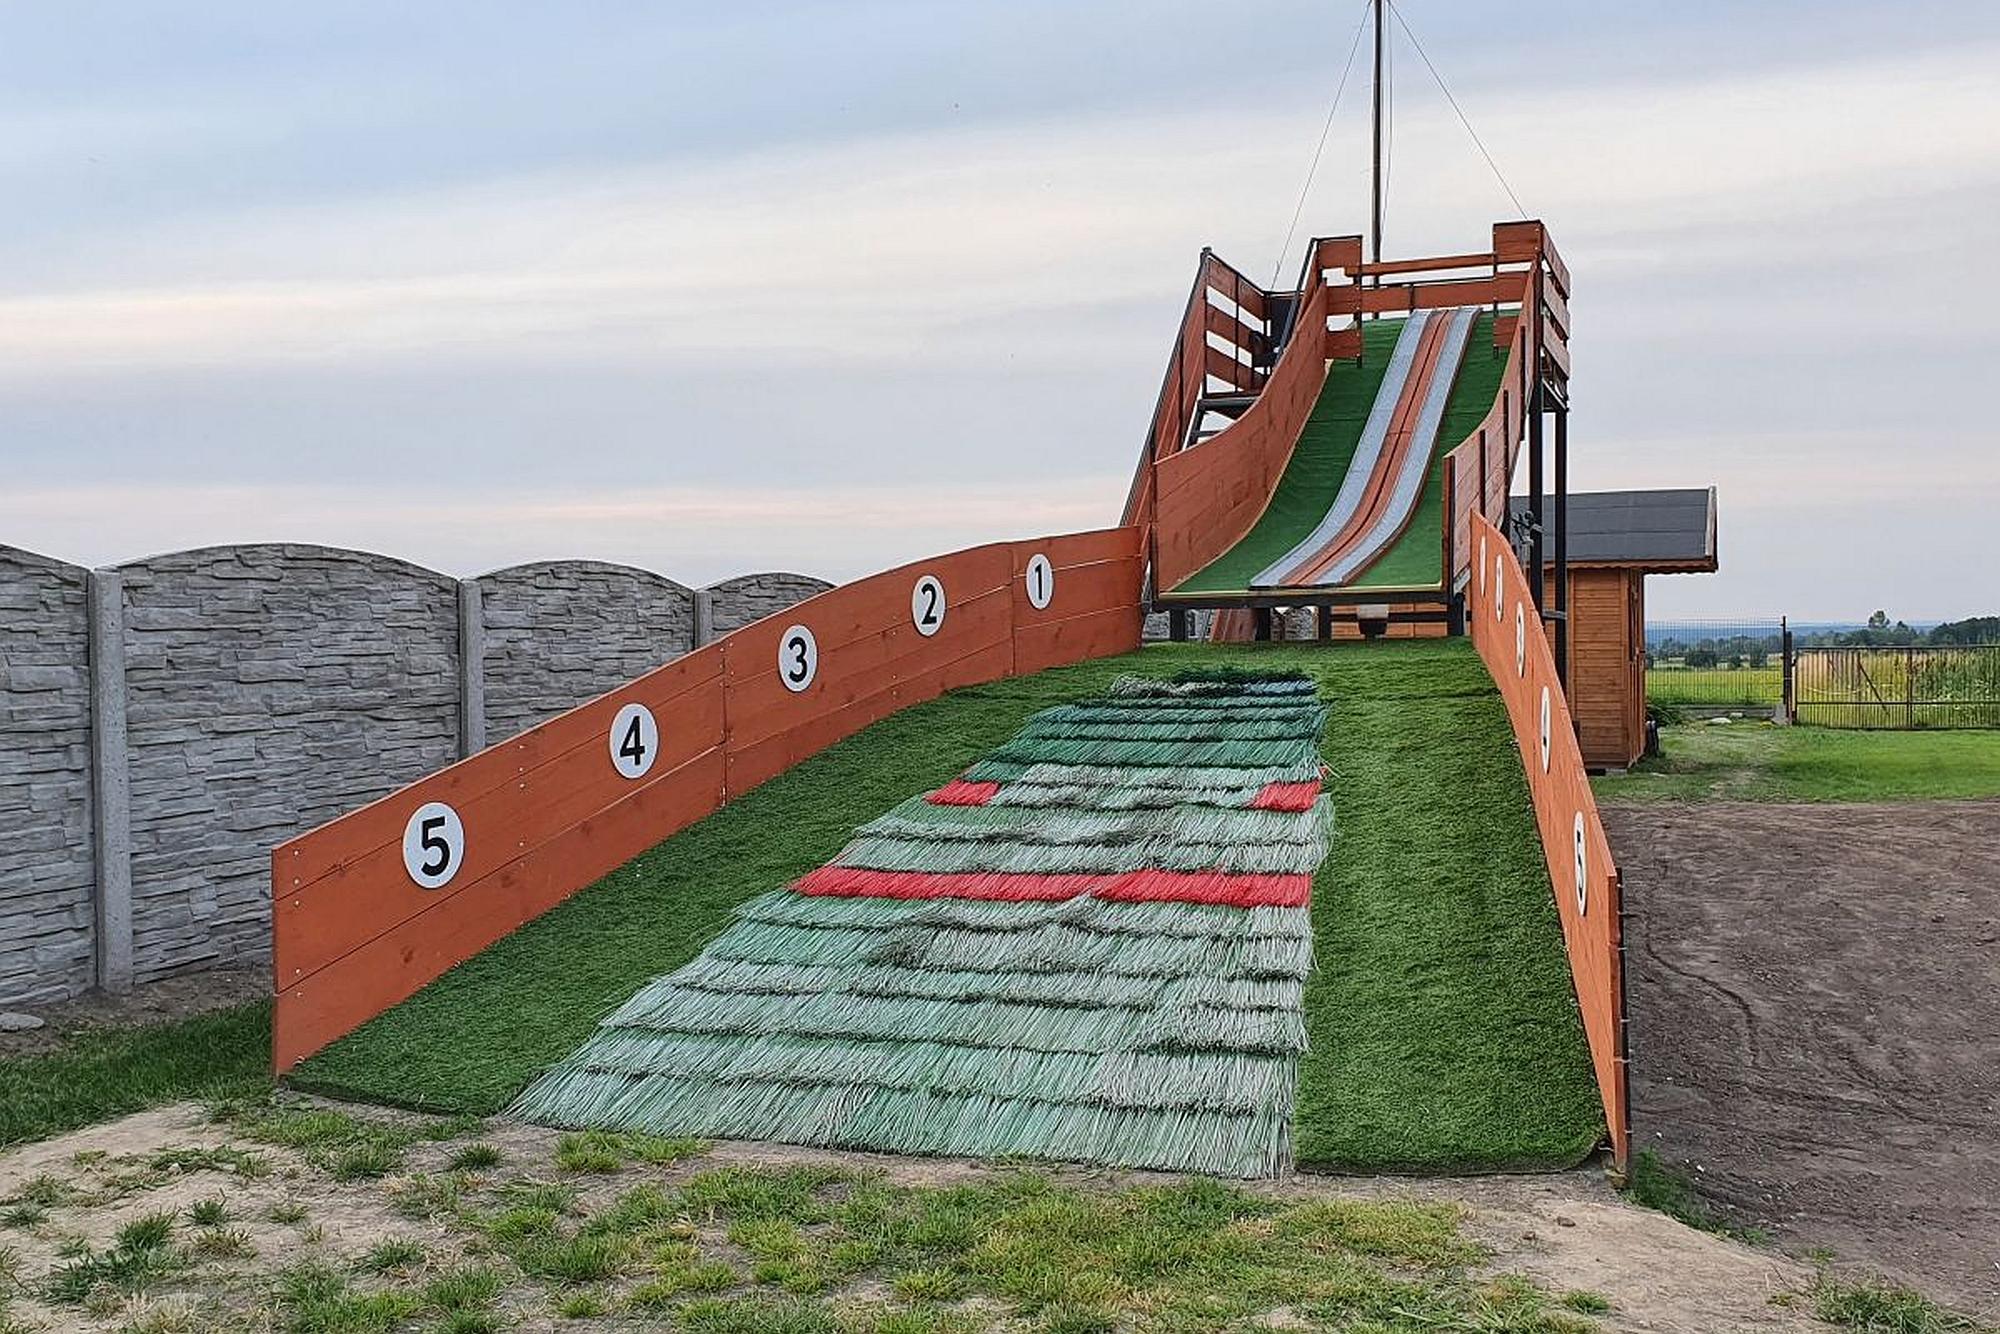 Skocznia przed domem? 19 września amatorski konkurs skoków w Ruczynowie!